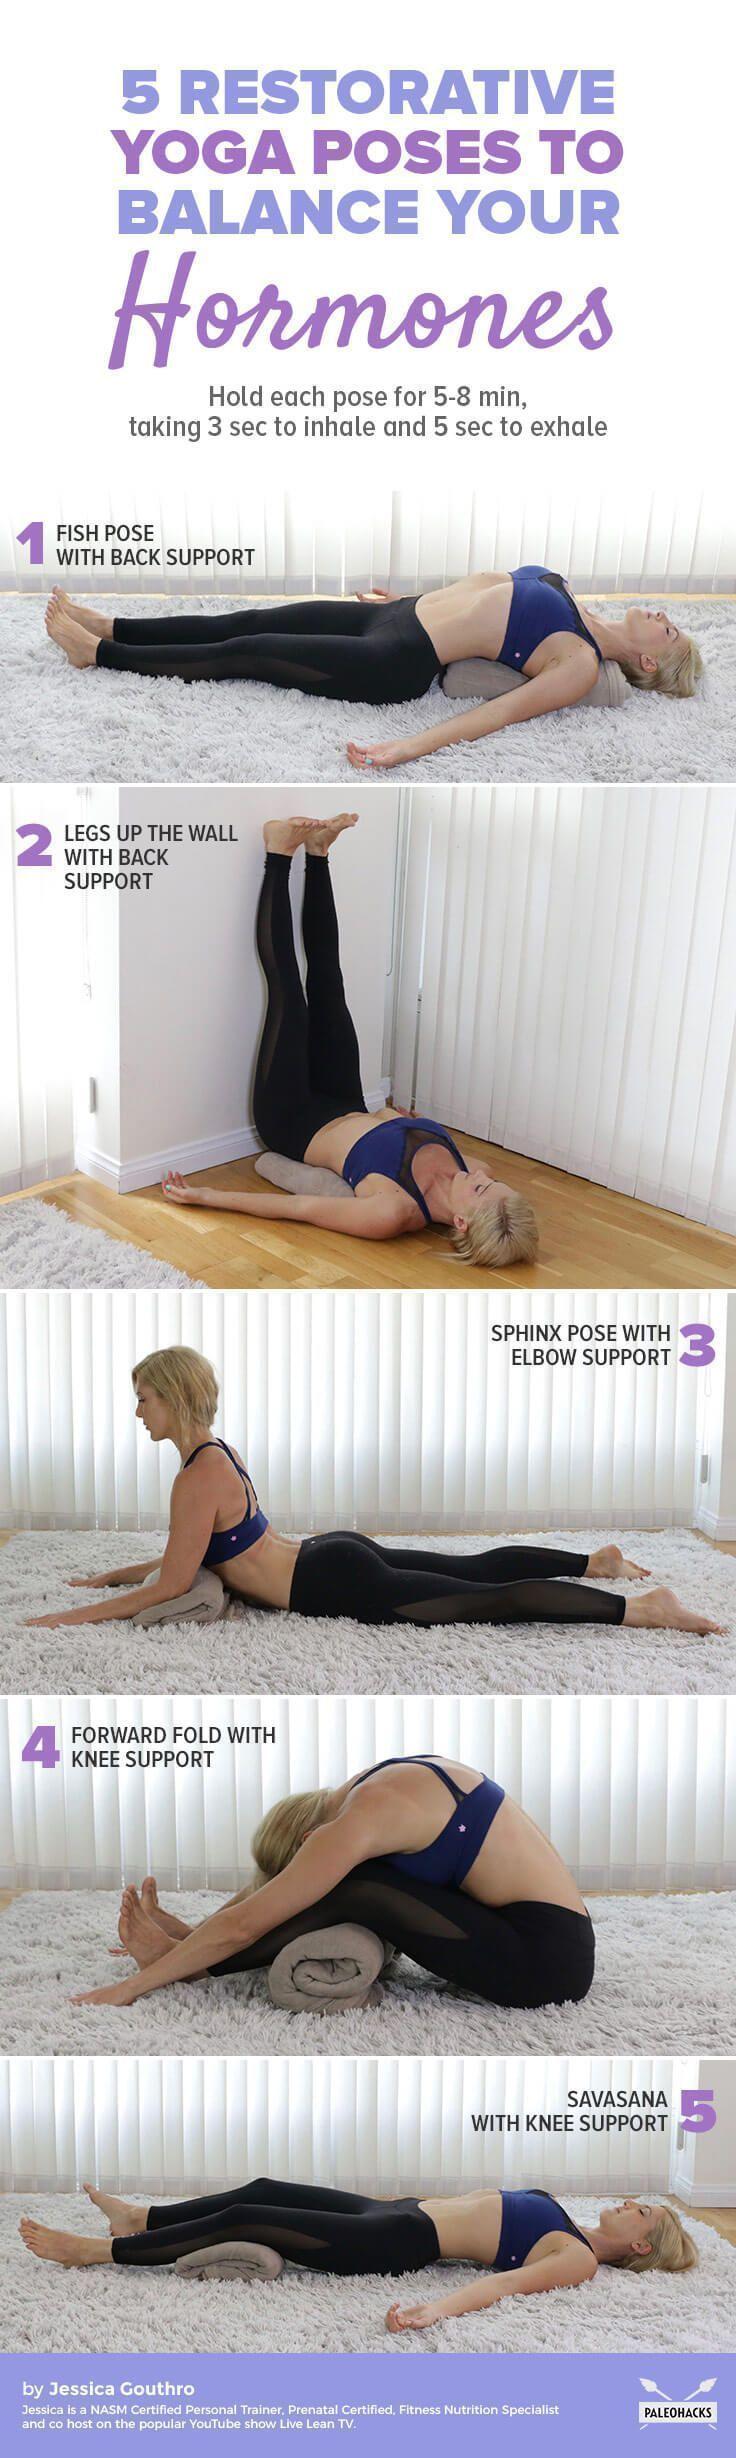 Wenn Sie Schmerzen haben, starten Sie hier. 10 Übungen für Rücken- und Hüftschmerzen, die Sie